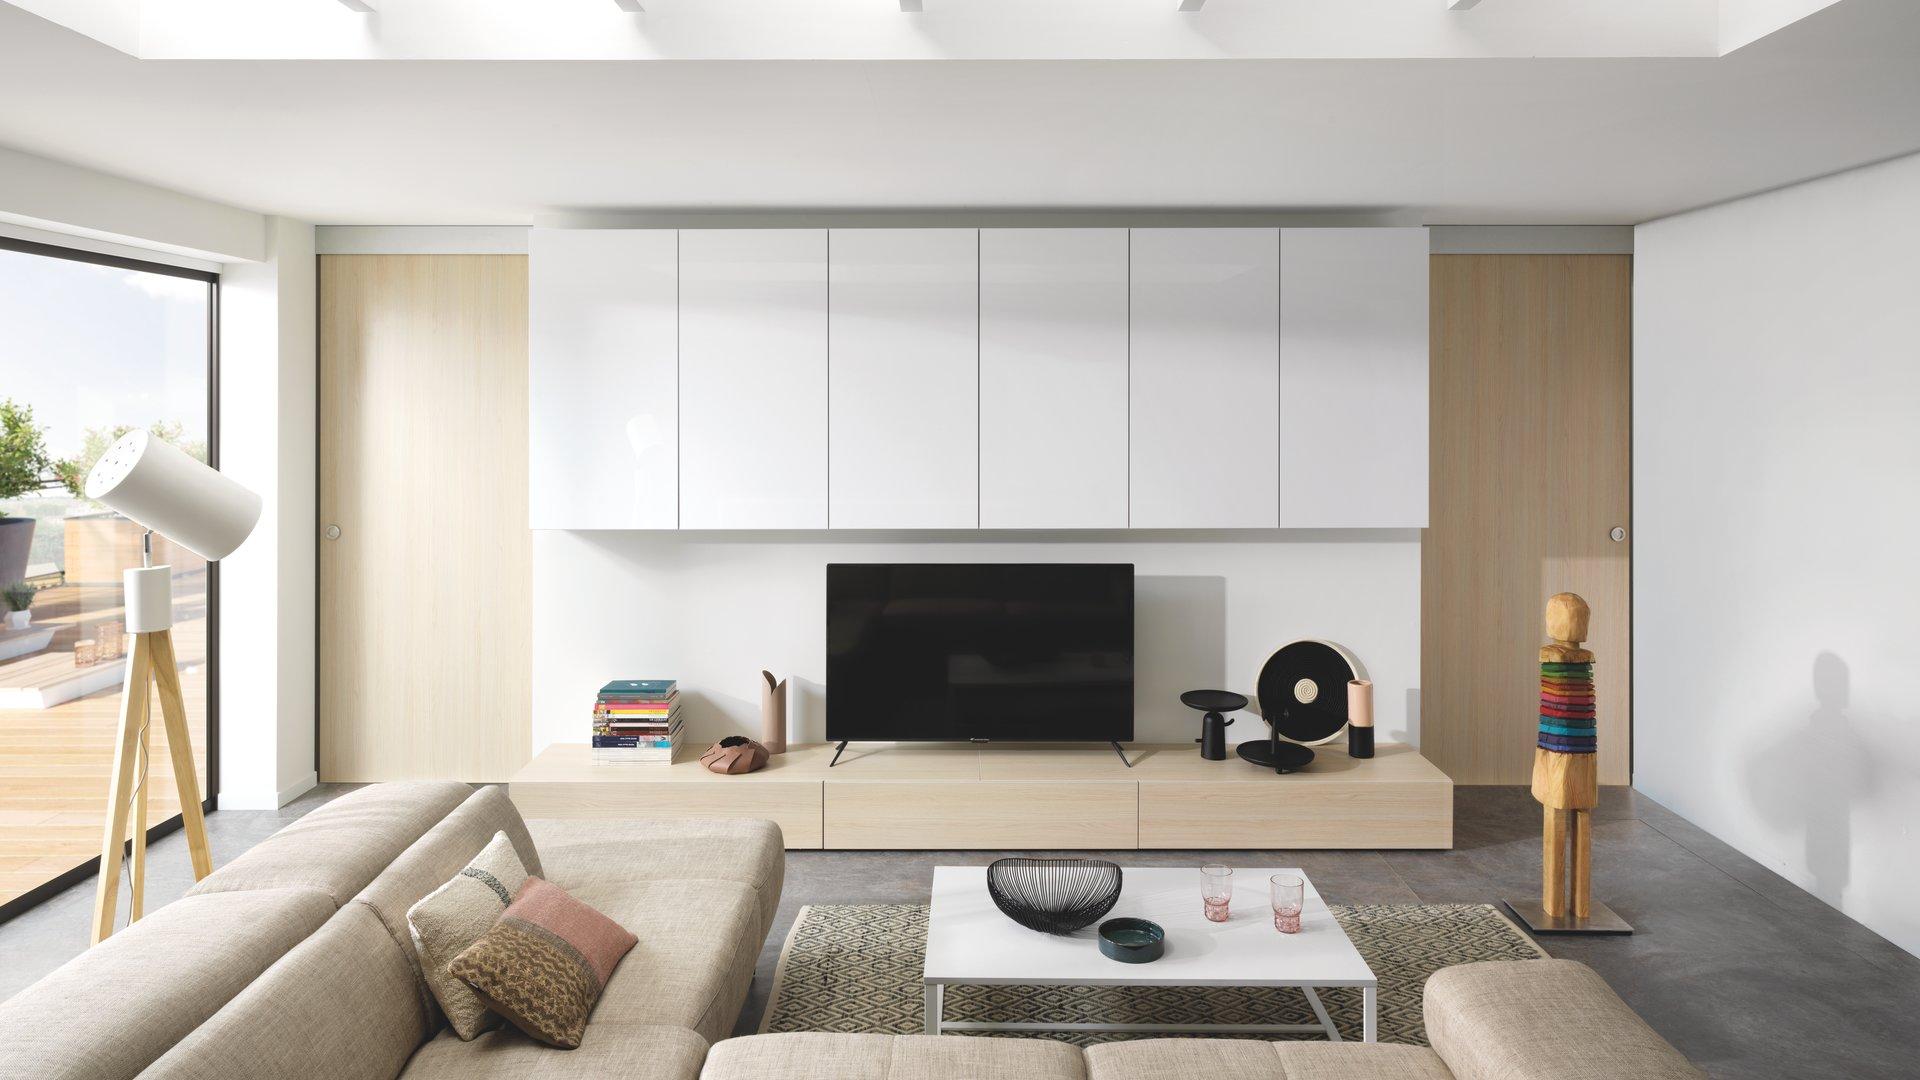 Salon clair et lumineux avec murs blancs et meubles bois clairs